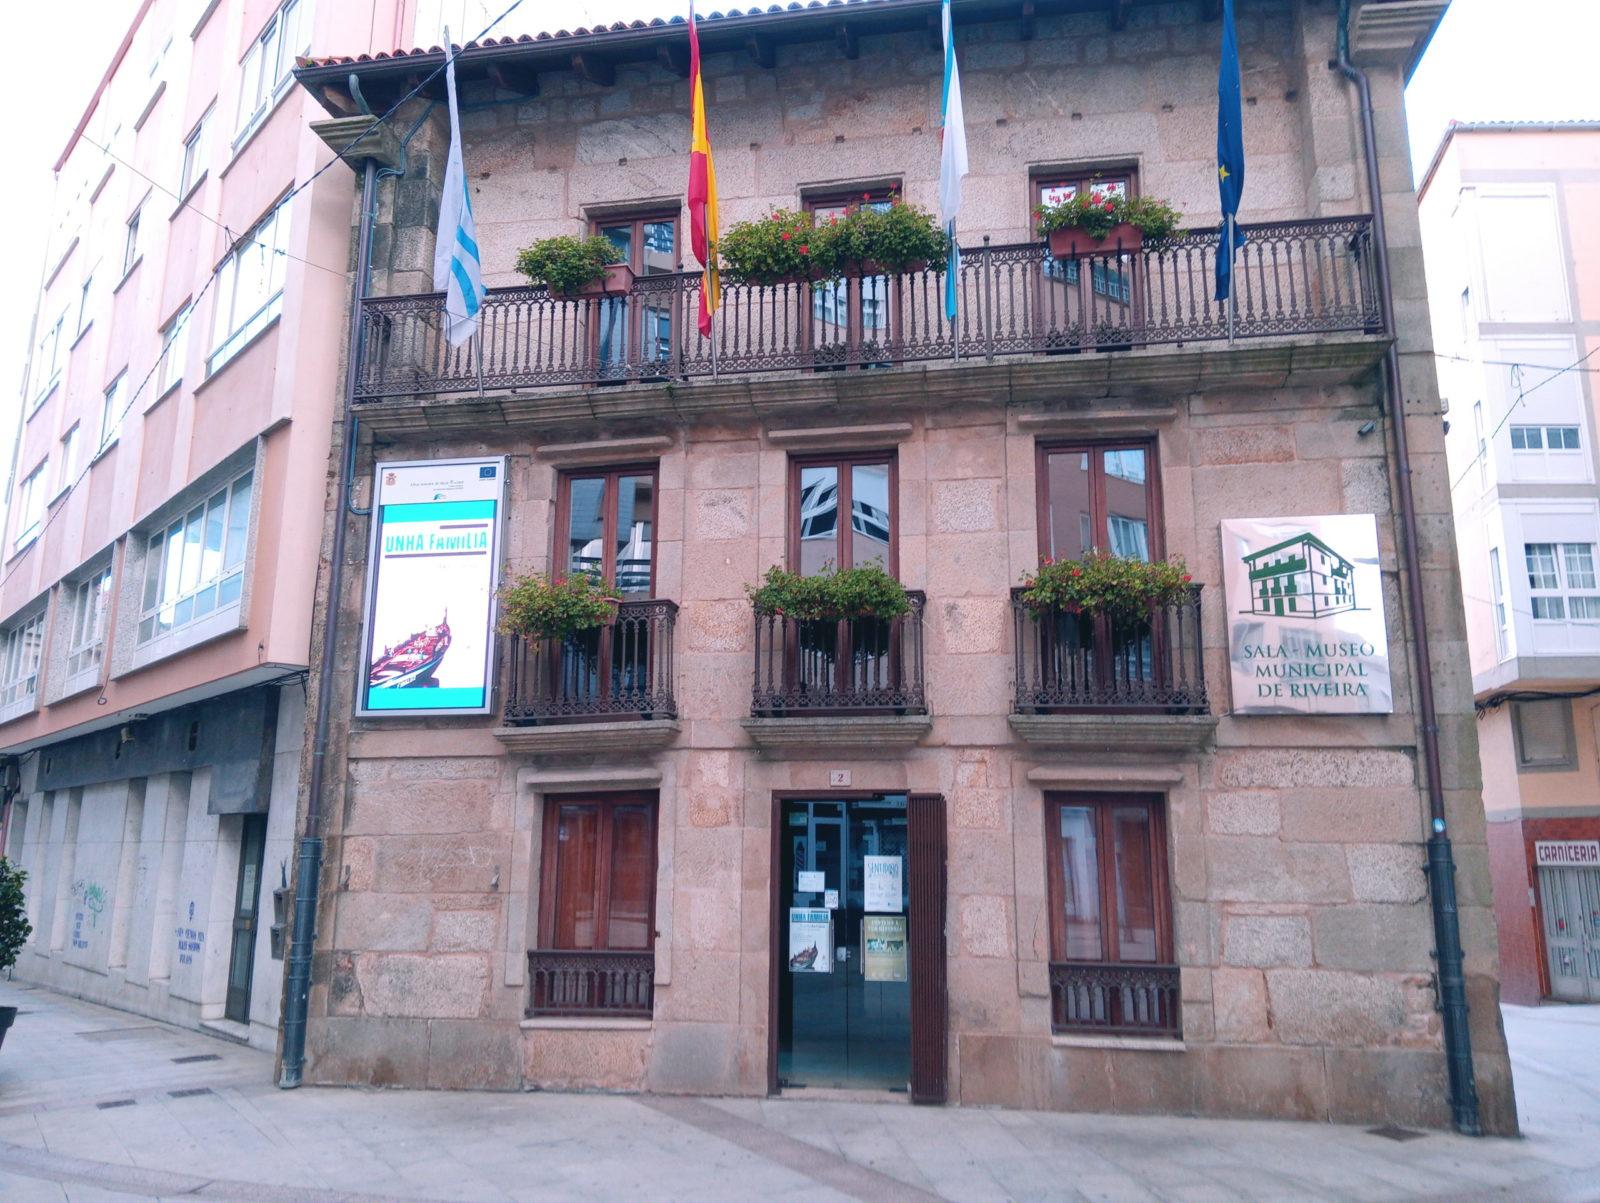 Qué ver en Ribeira Museo Municipal